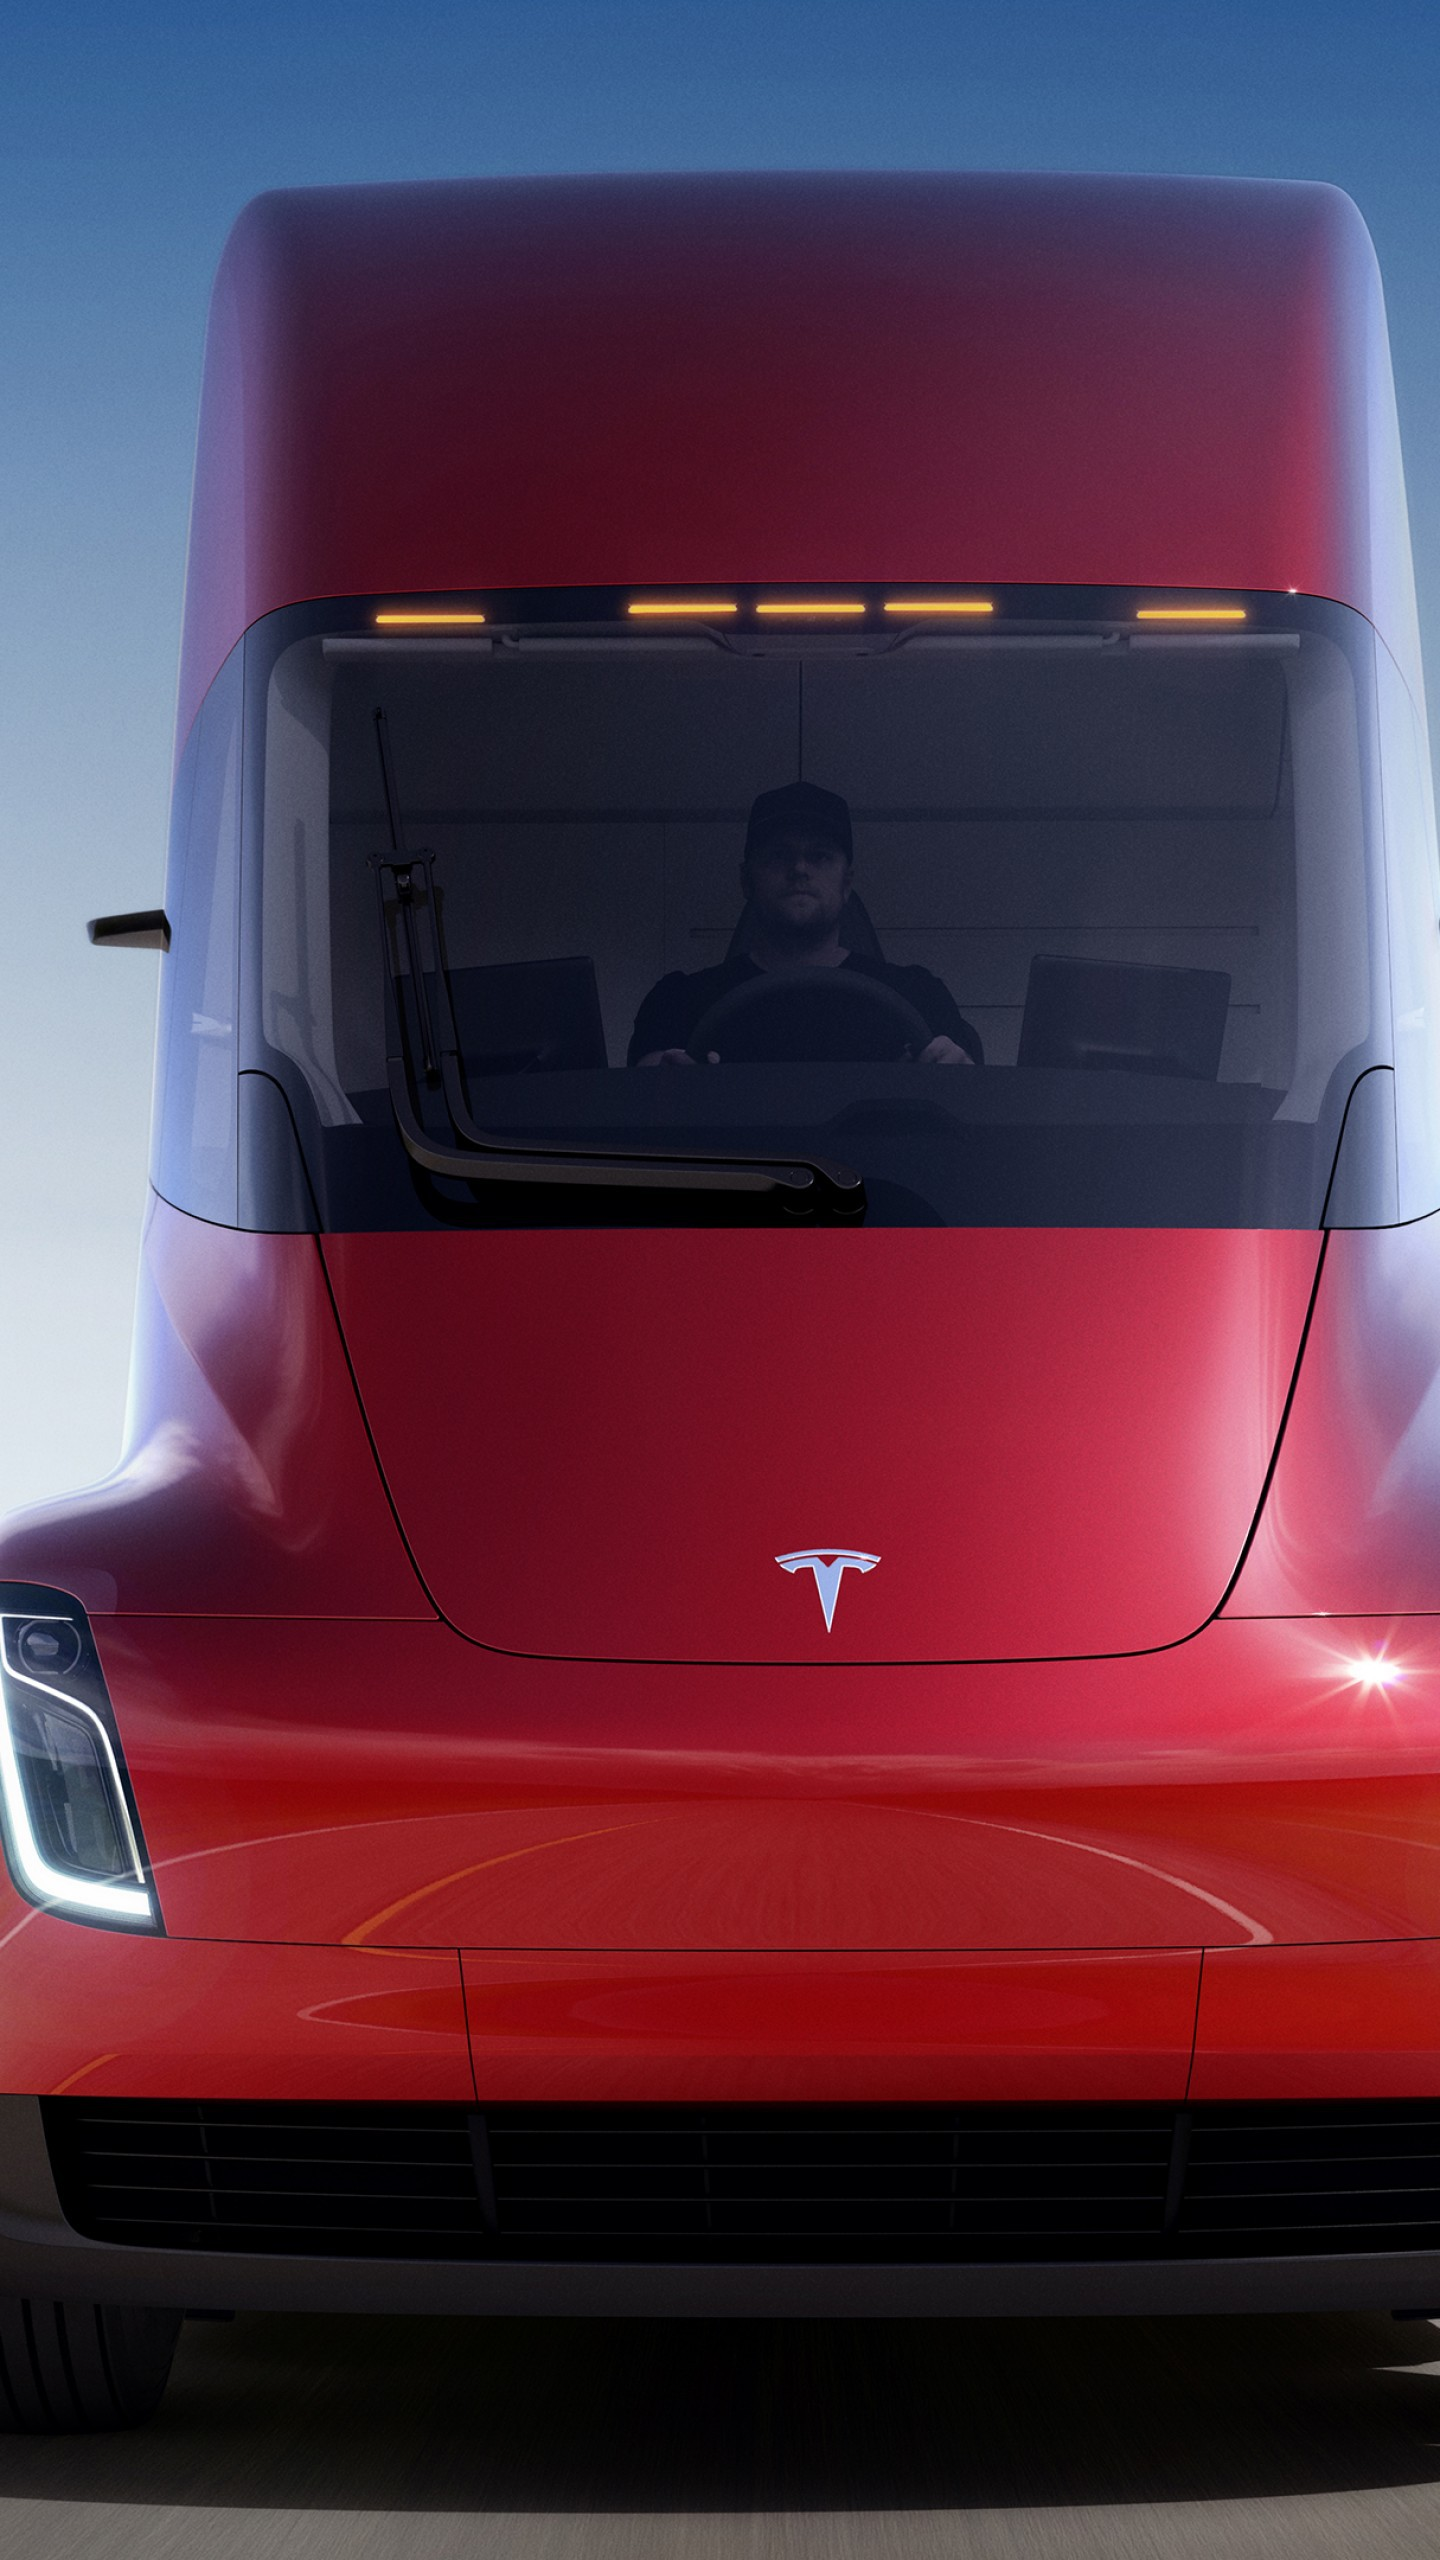 عکس زمینه نیمه کامیون های قرمز رنگ برقی تسلا پس زمینه